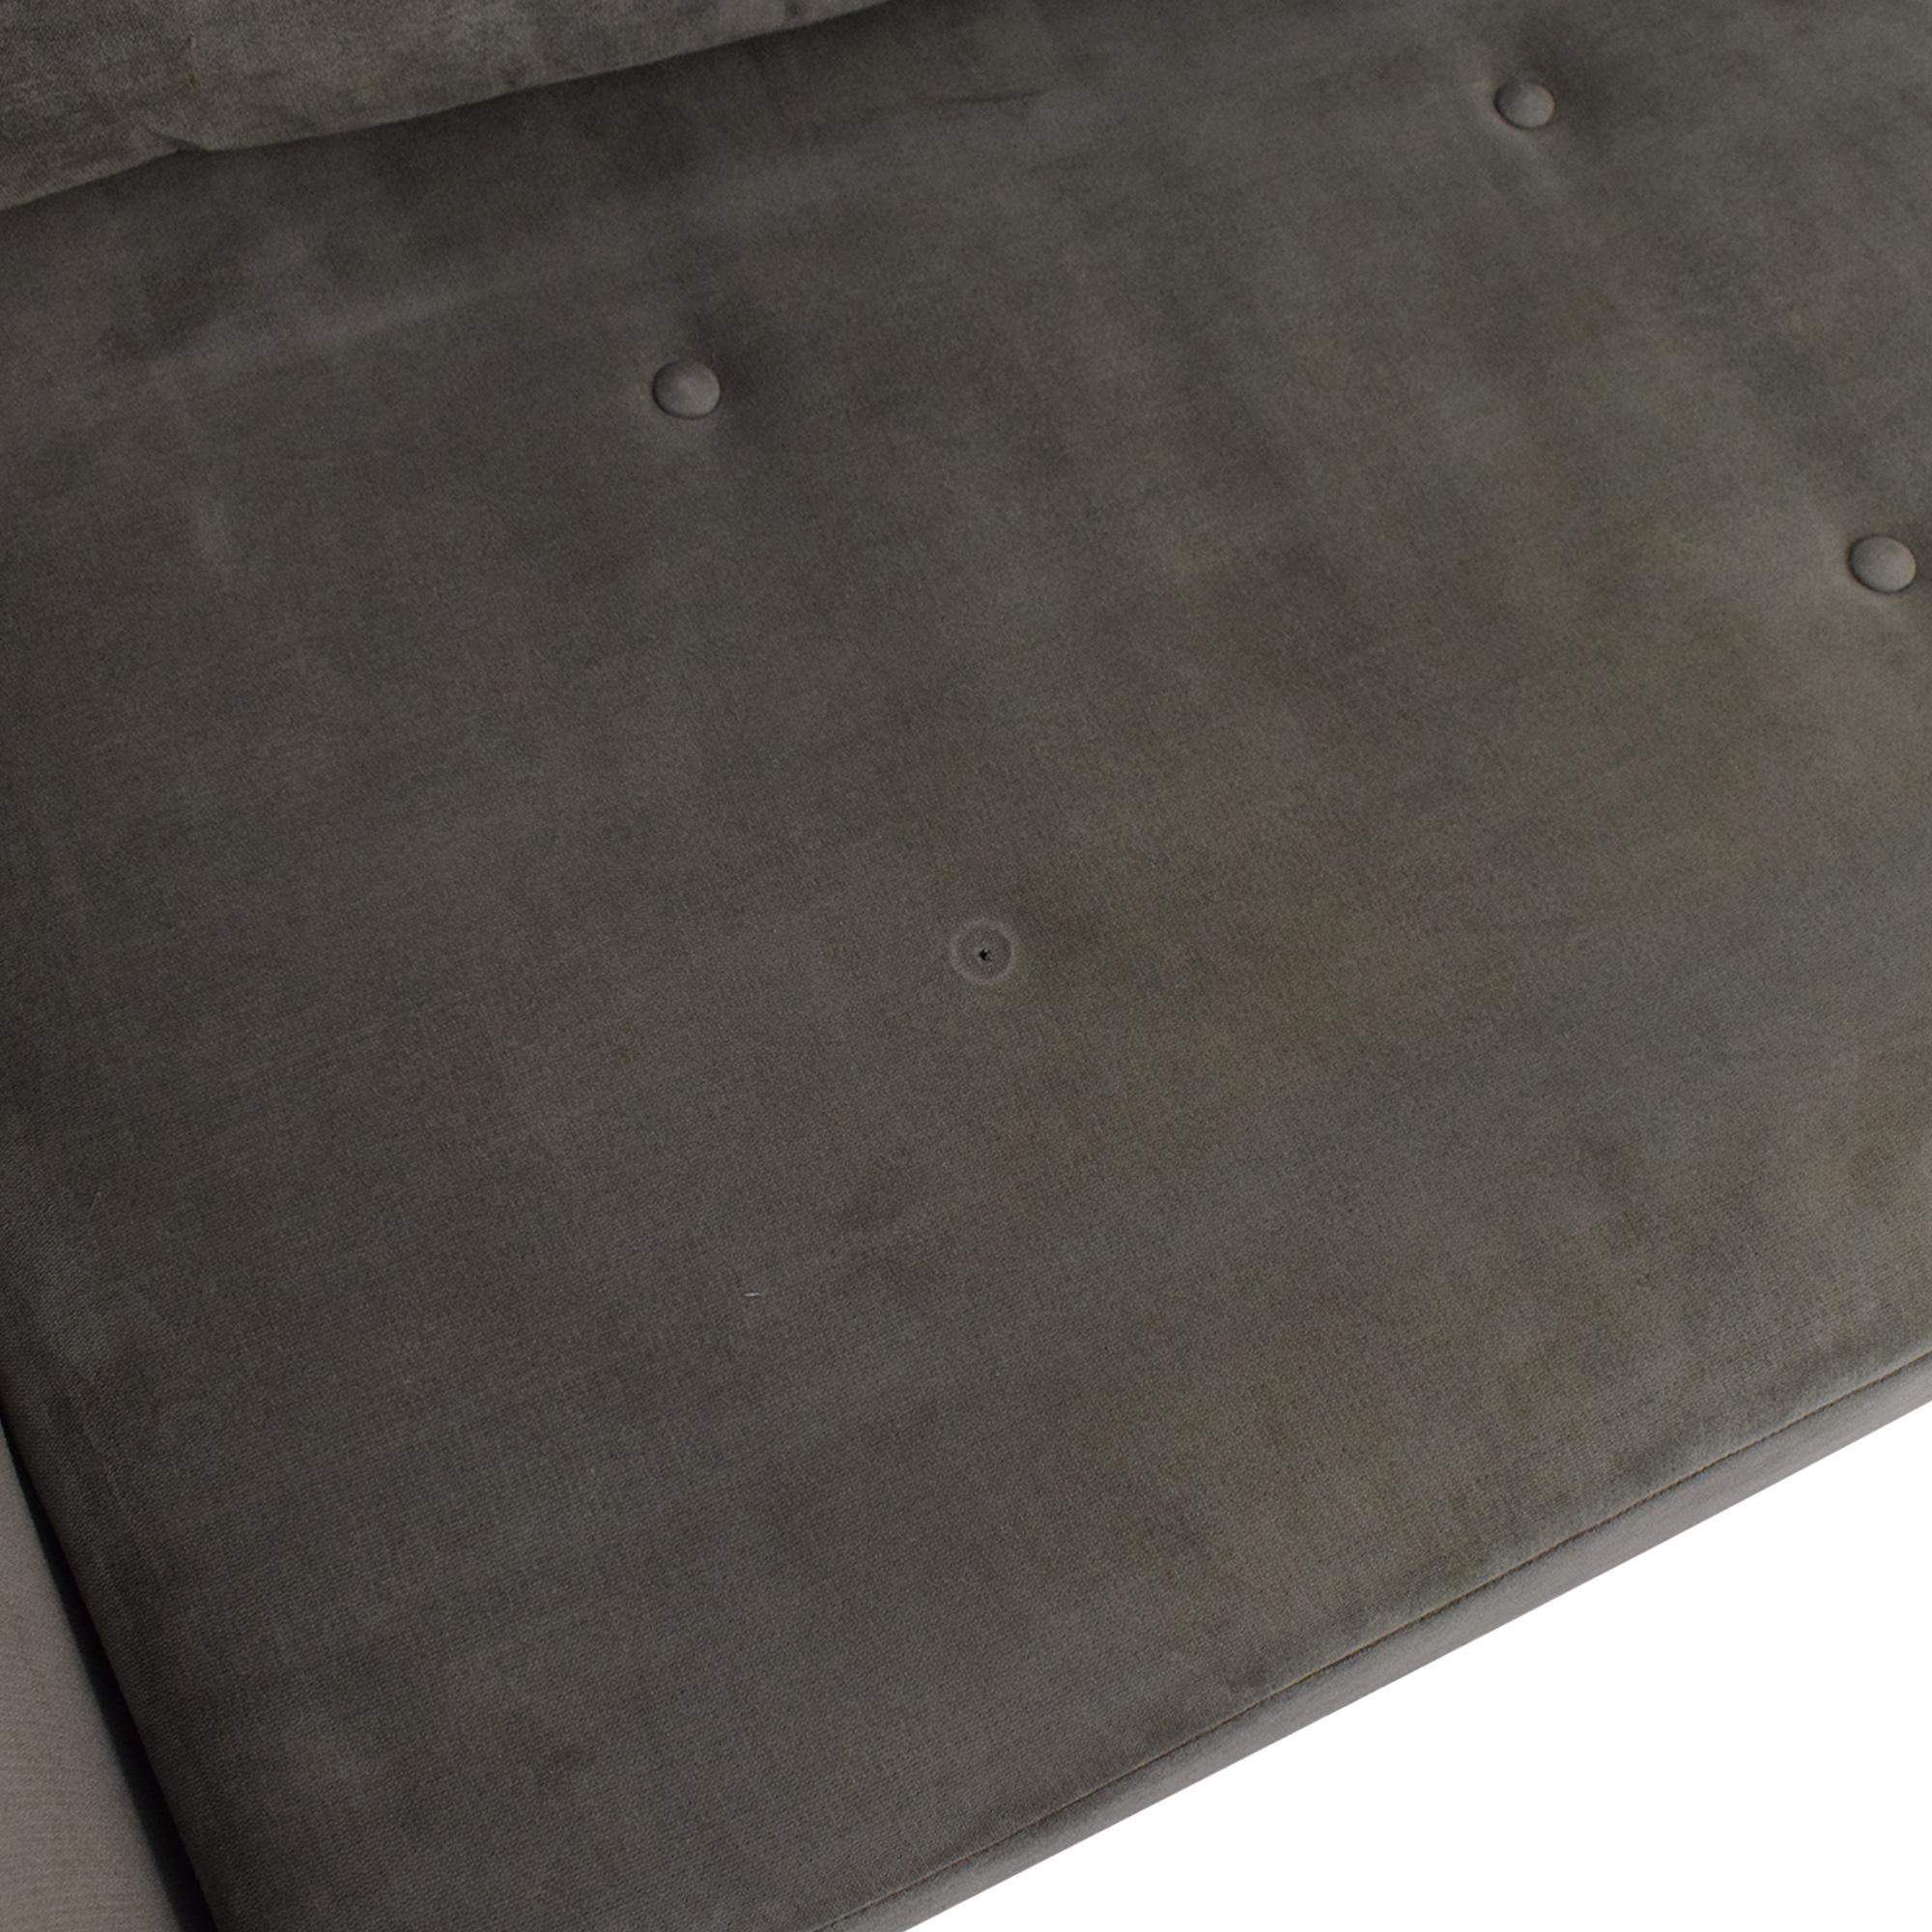 Macy's Macy's Elliott Queen Sofa Bed price